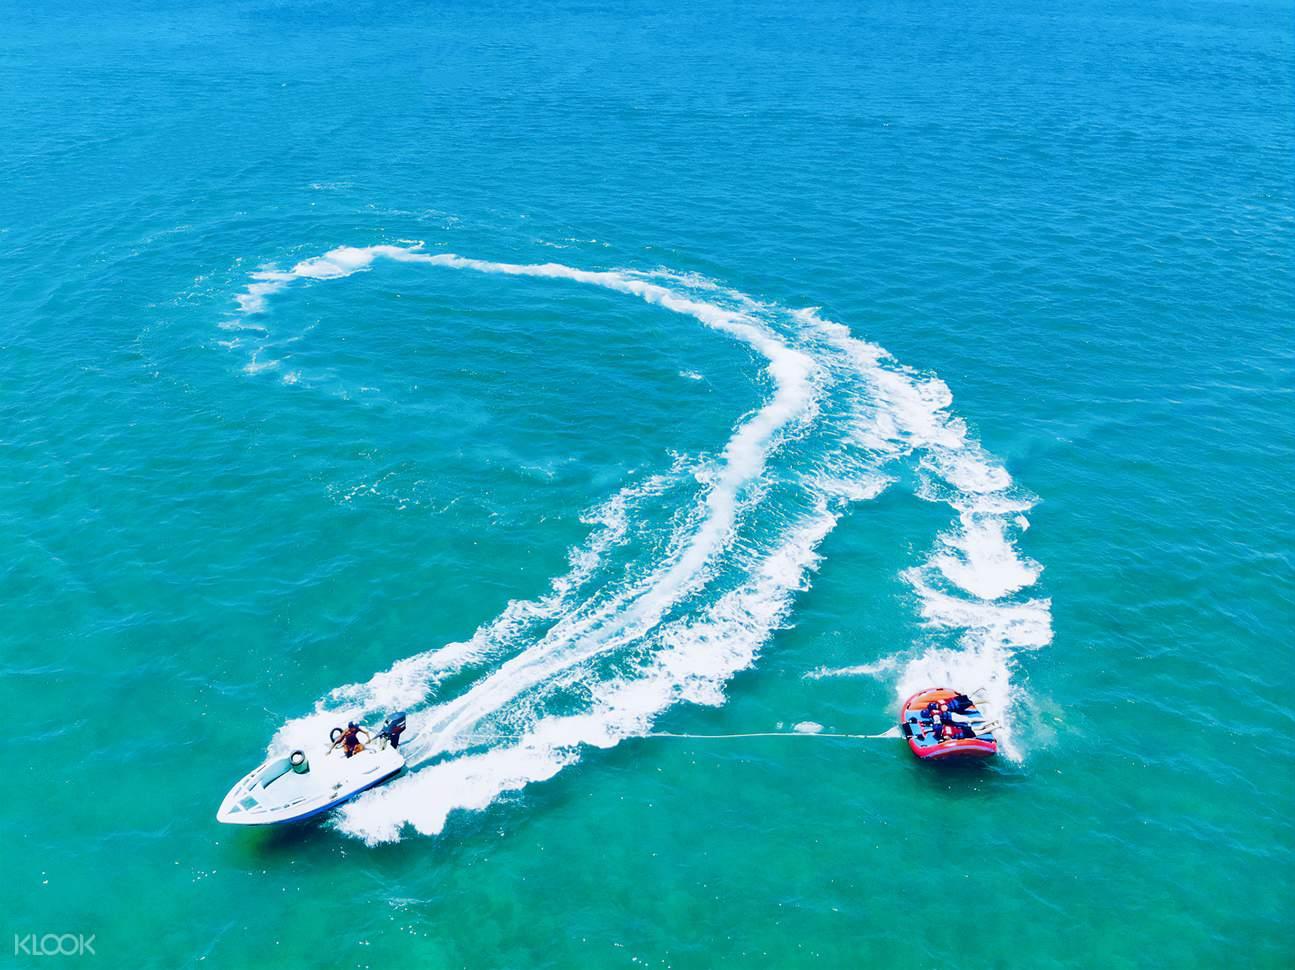 澎湖熱島大倉島一日跳島:秘境浮潛&餵燕鷗&海鮮美食&海上活動體驗五合一